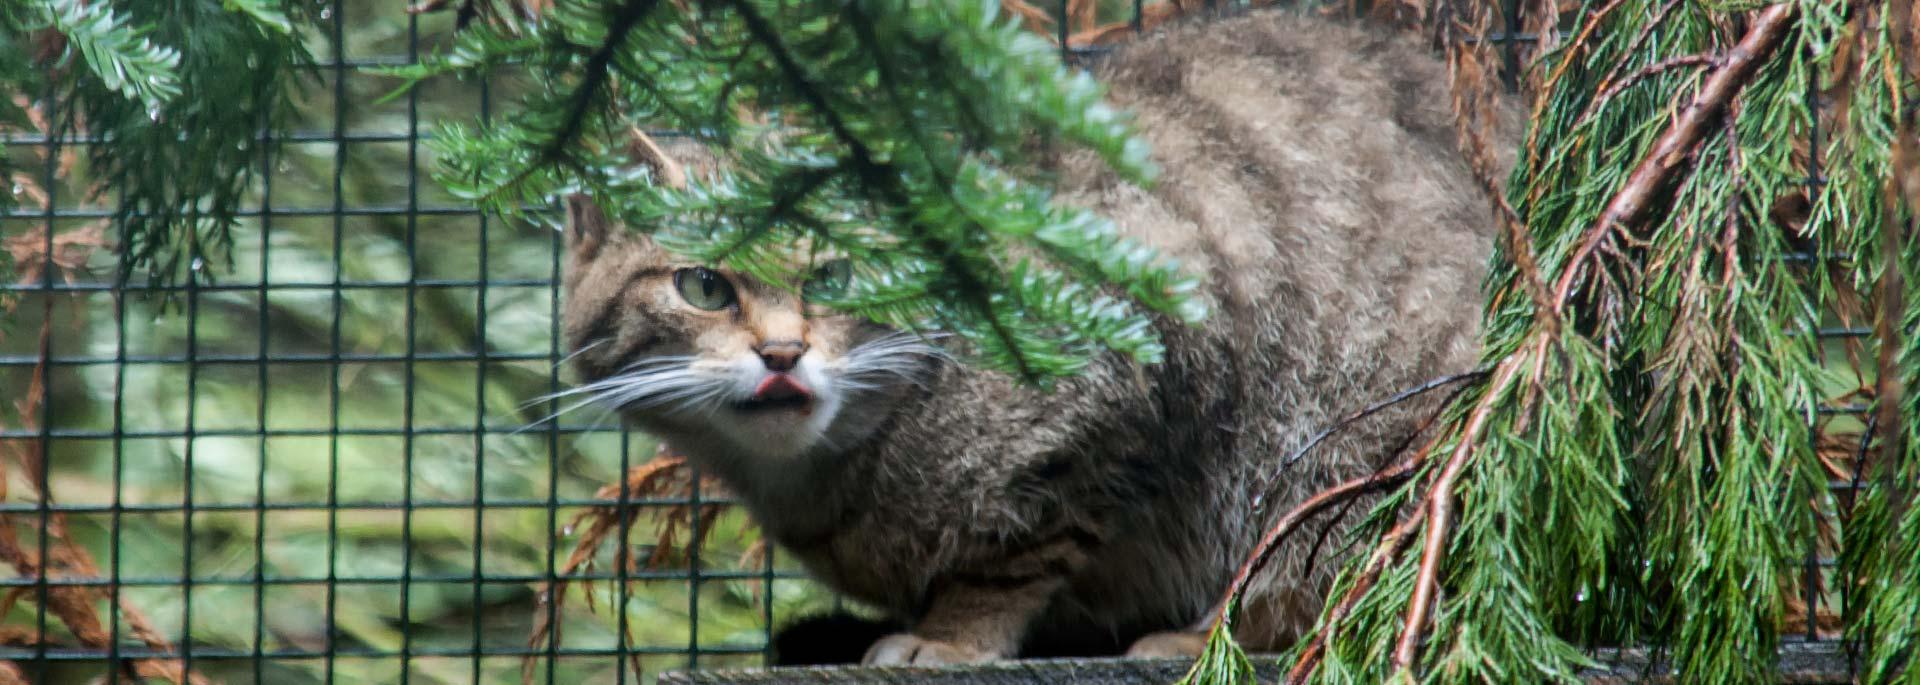 Wie ich in Schottland auf die Wildkatze kam